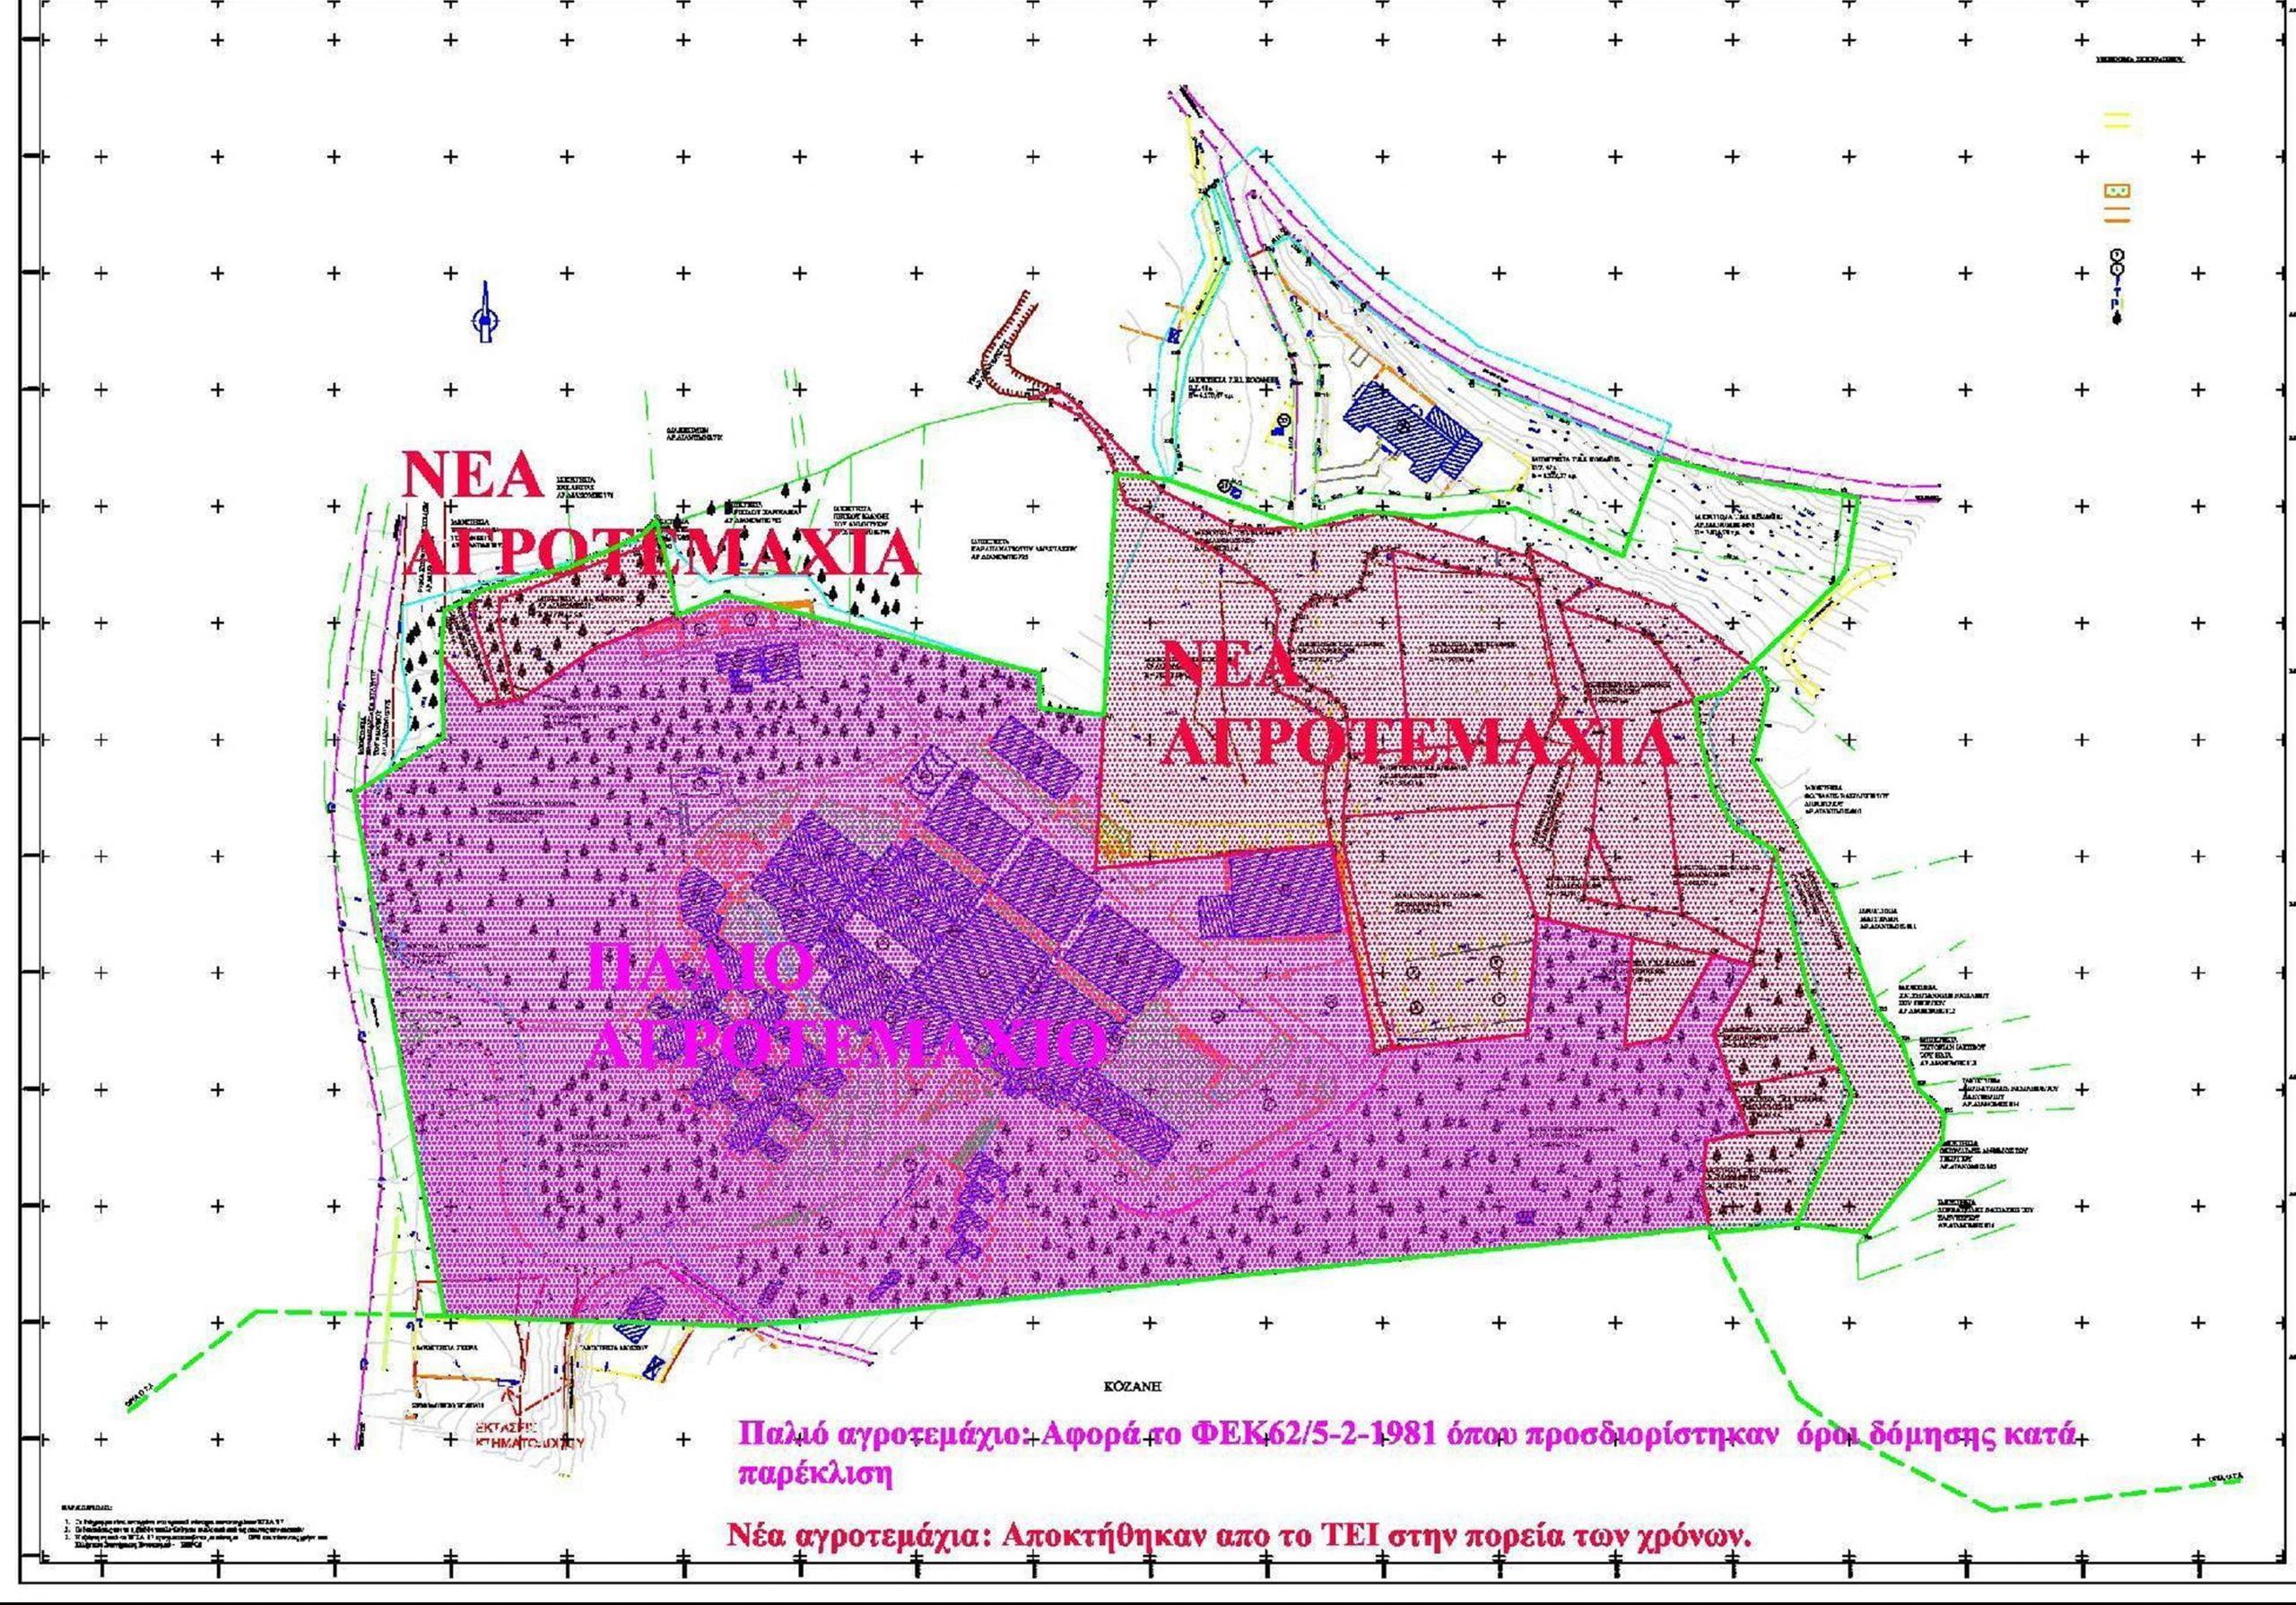 Τροποποίηση και επέκταση Τοπικού Ρυμοτομικού Σχεδίου χώρου Πανεπιστημίου Δ.Μ στα Κοίλα Κοζάνης